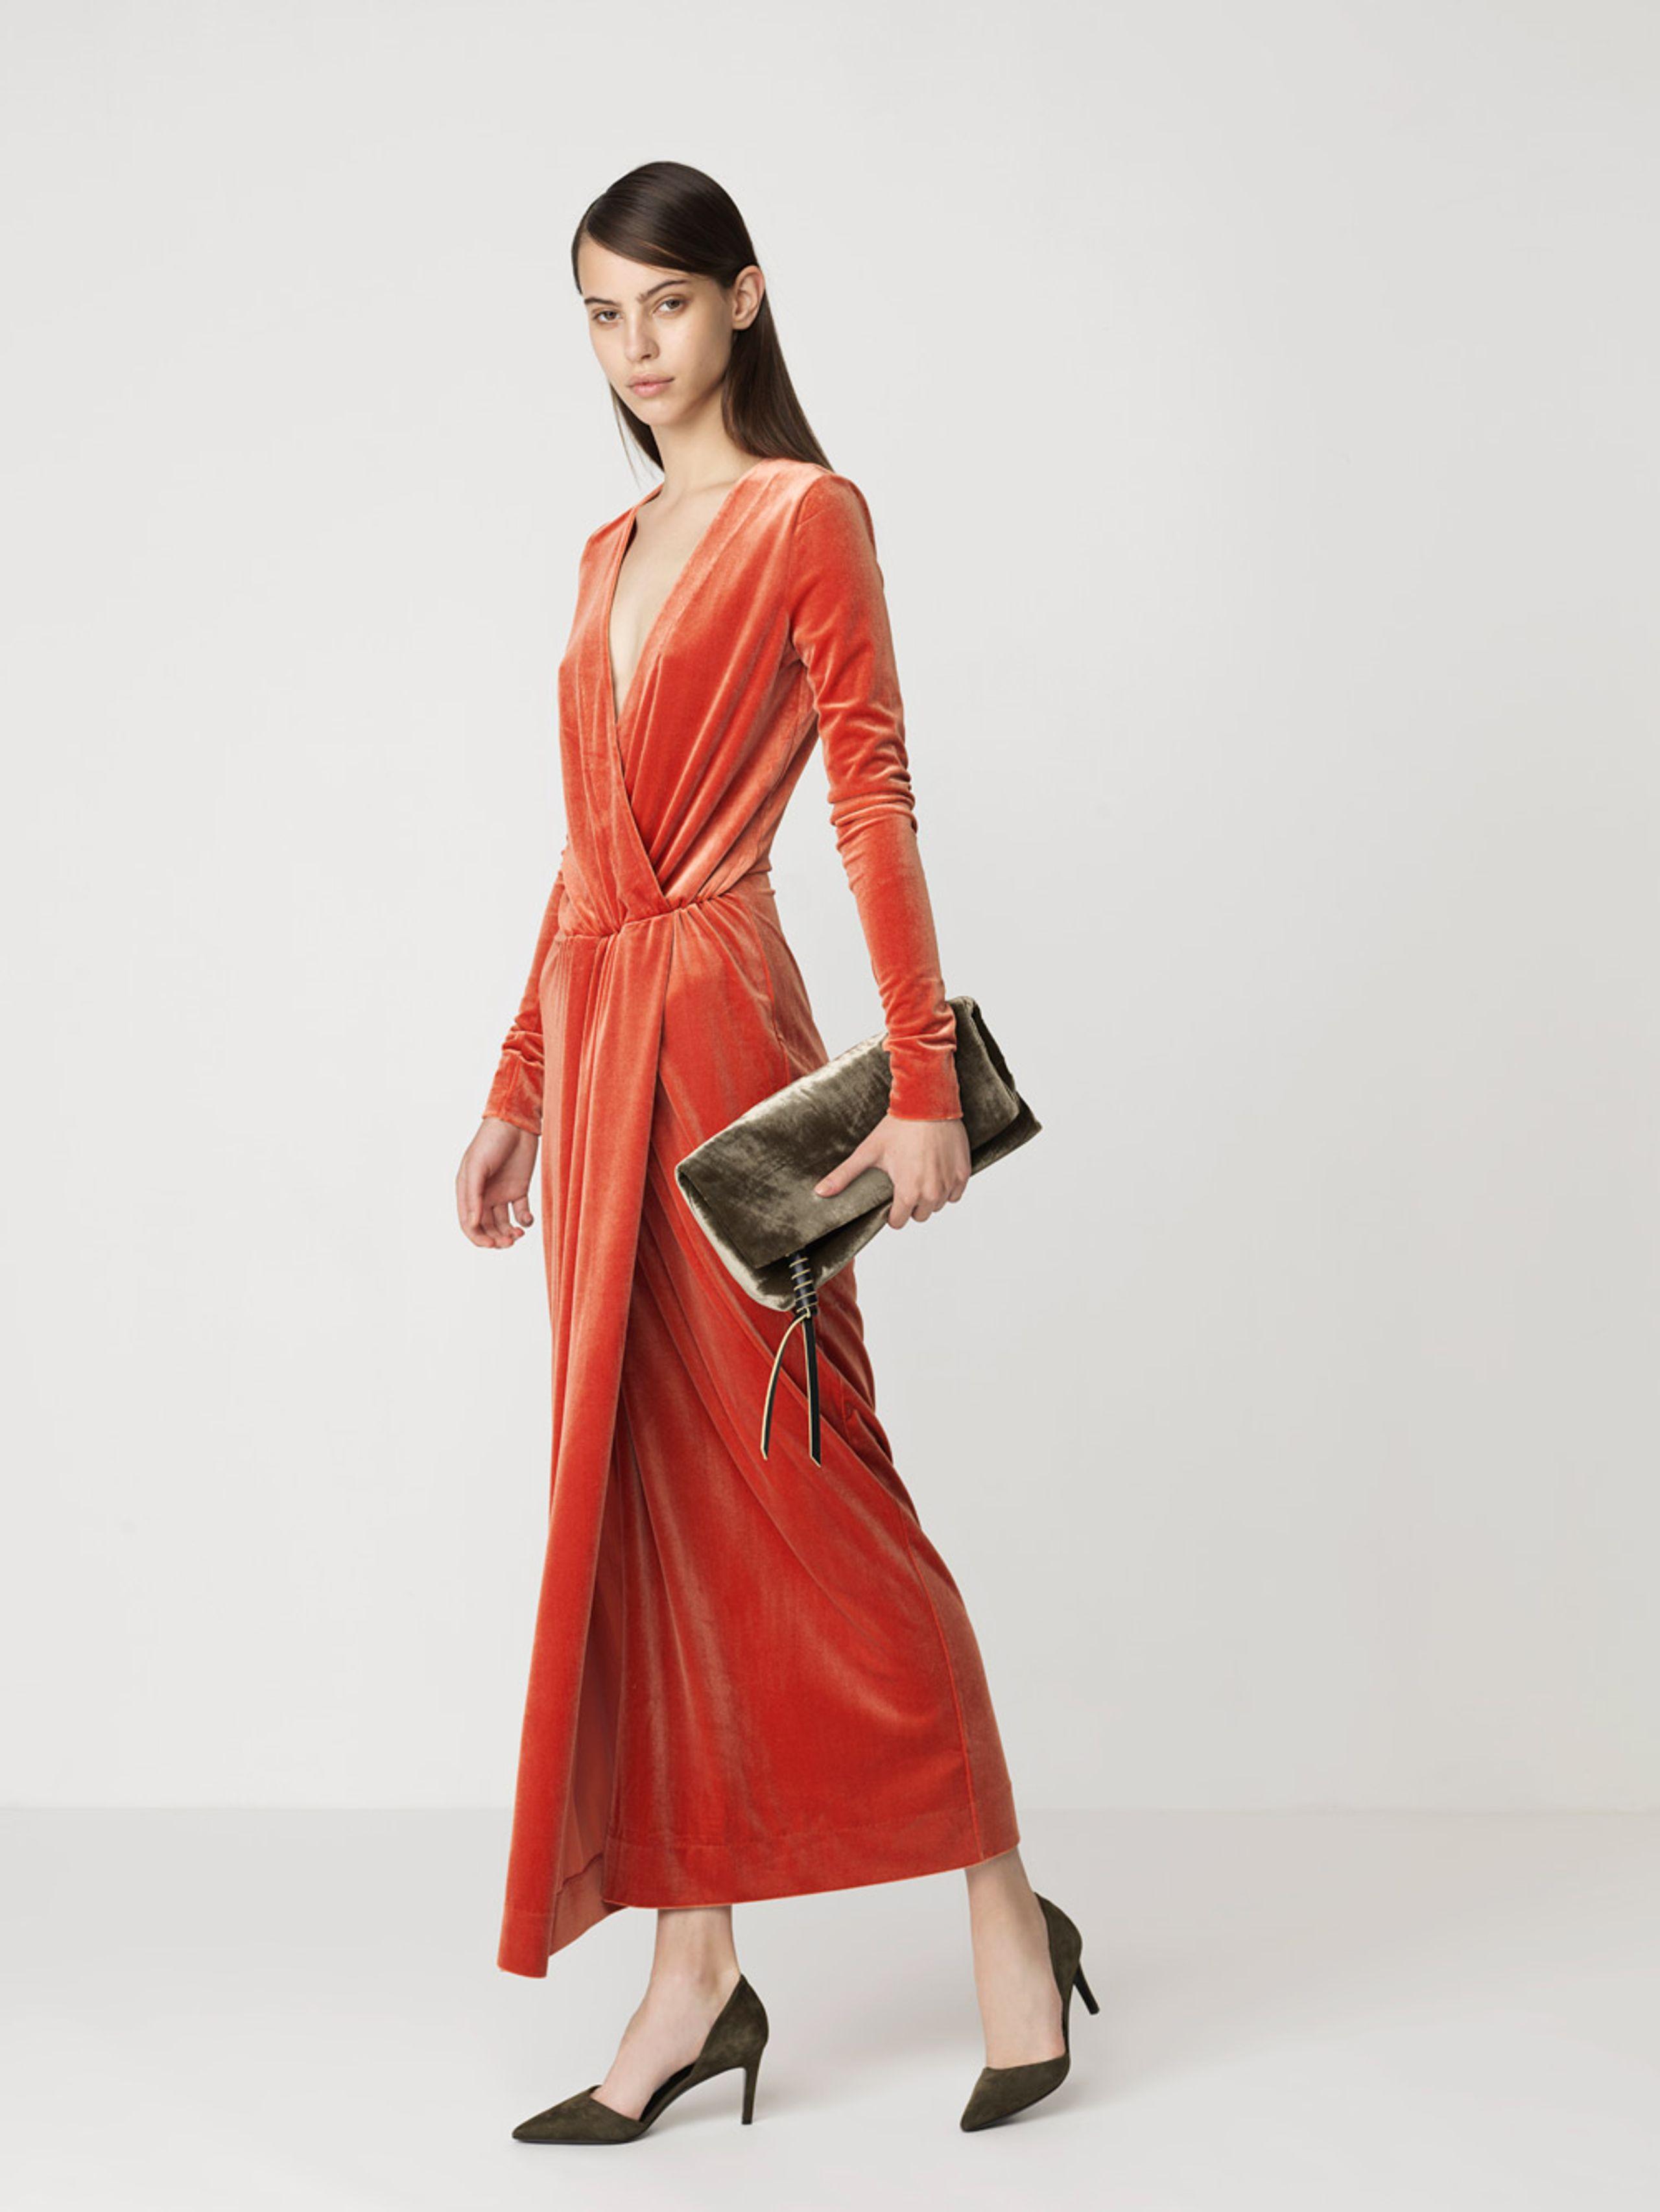 Milda - Dress